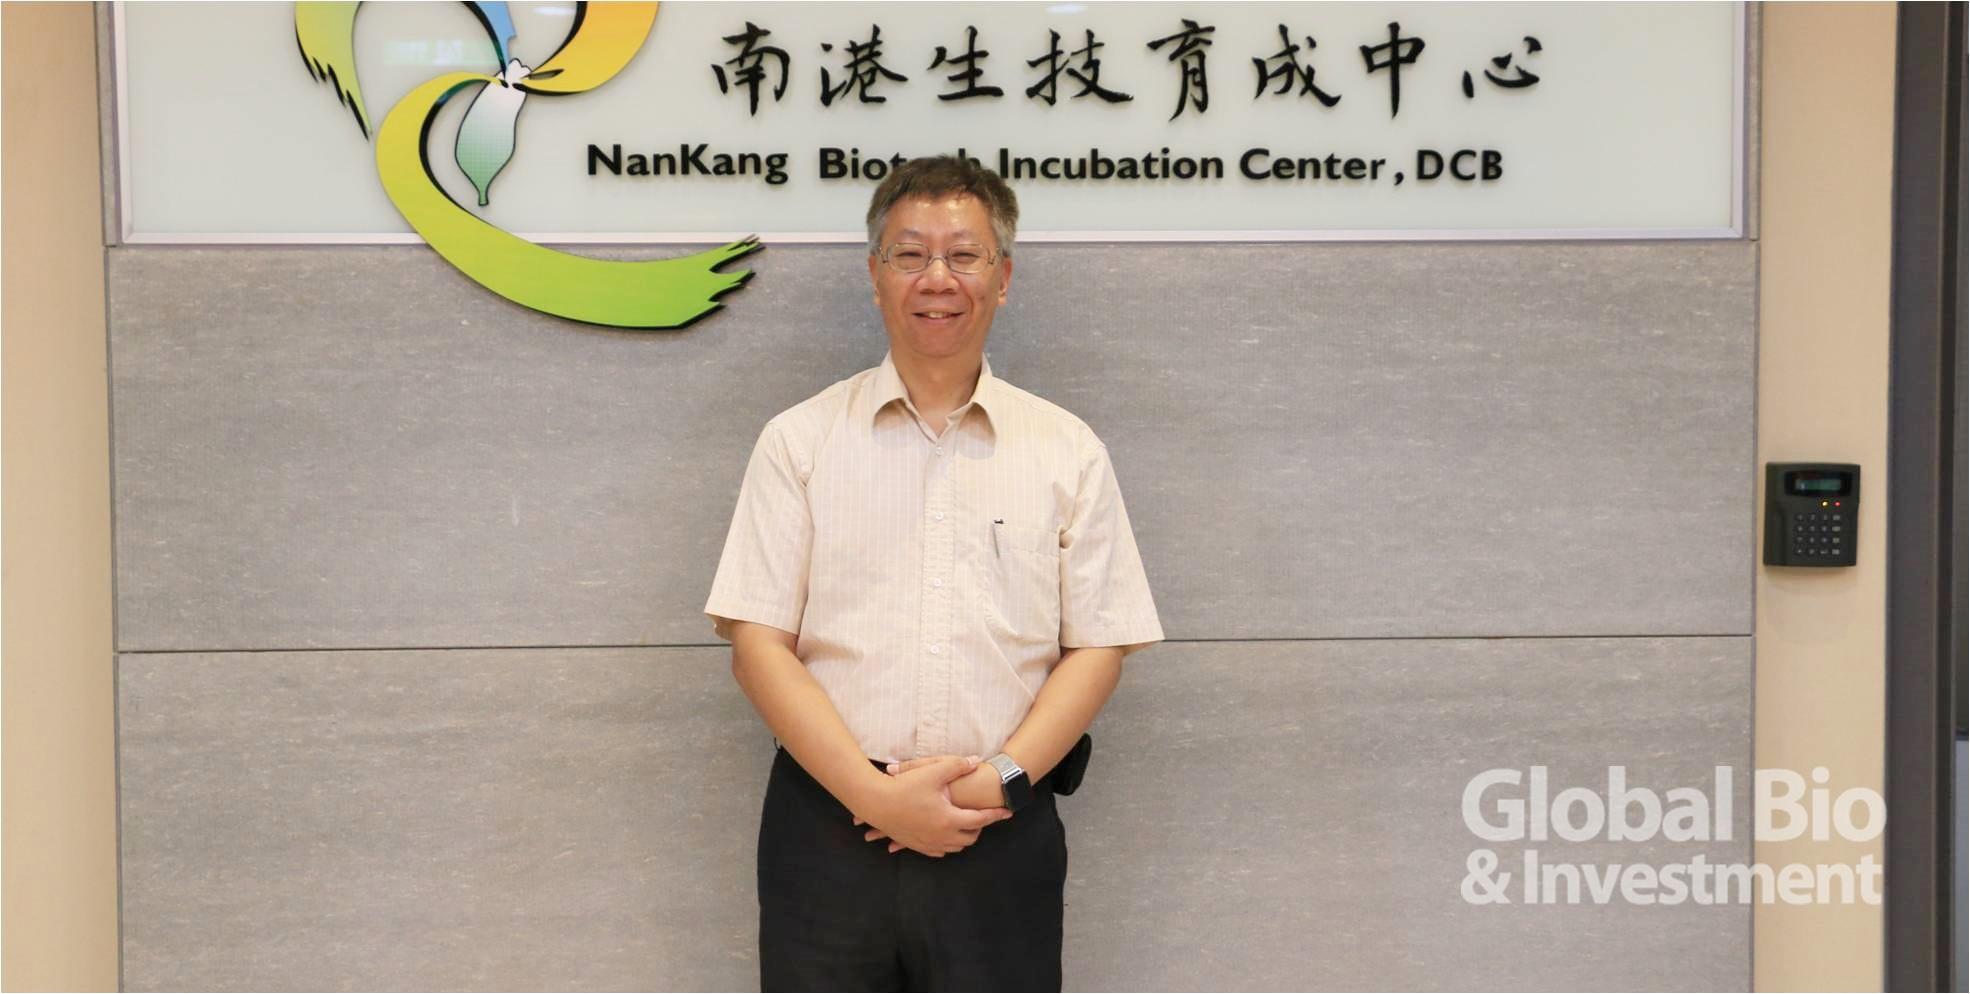 台康生技副總經理張志榮最後表示,大數據和委外製造CDMO是驅動製藥產業的未來。(攝影/劉端雅)